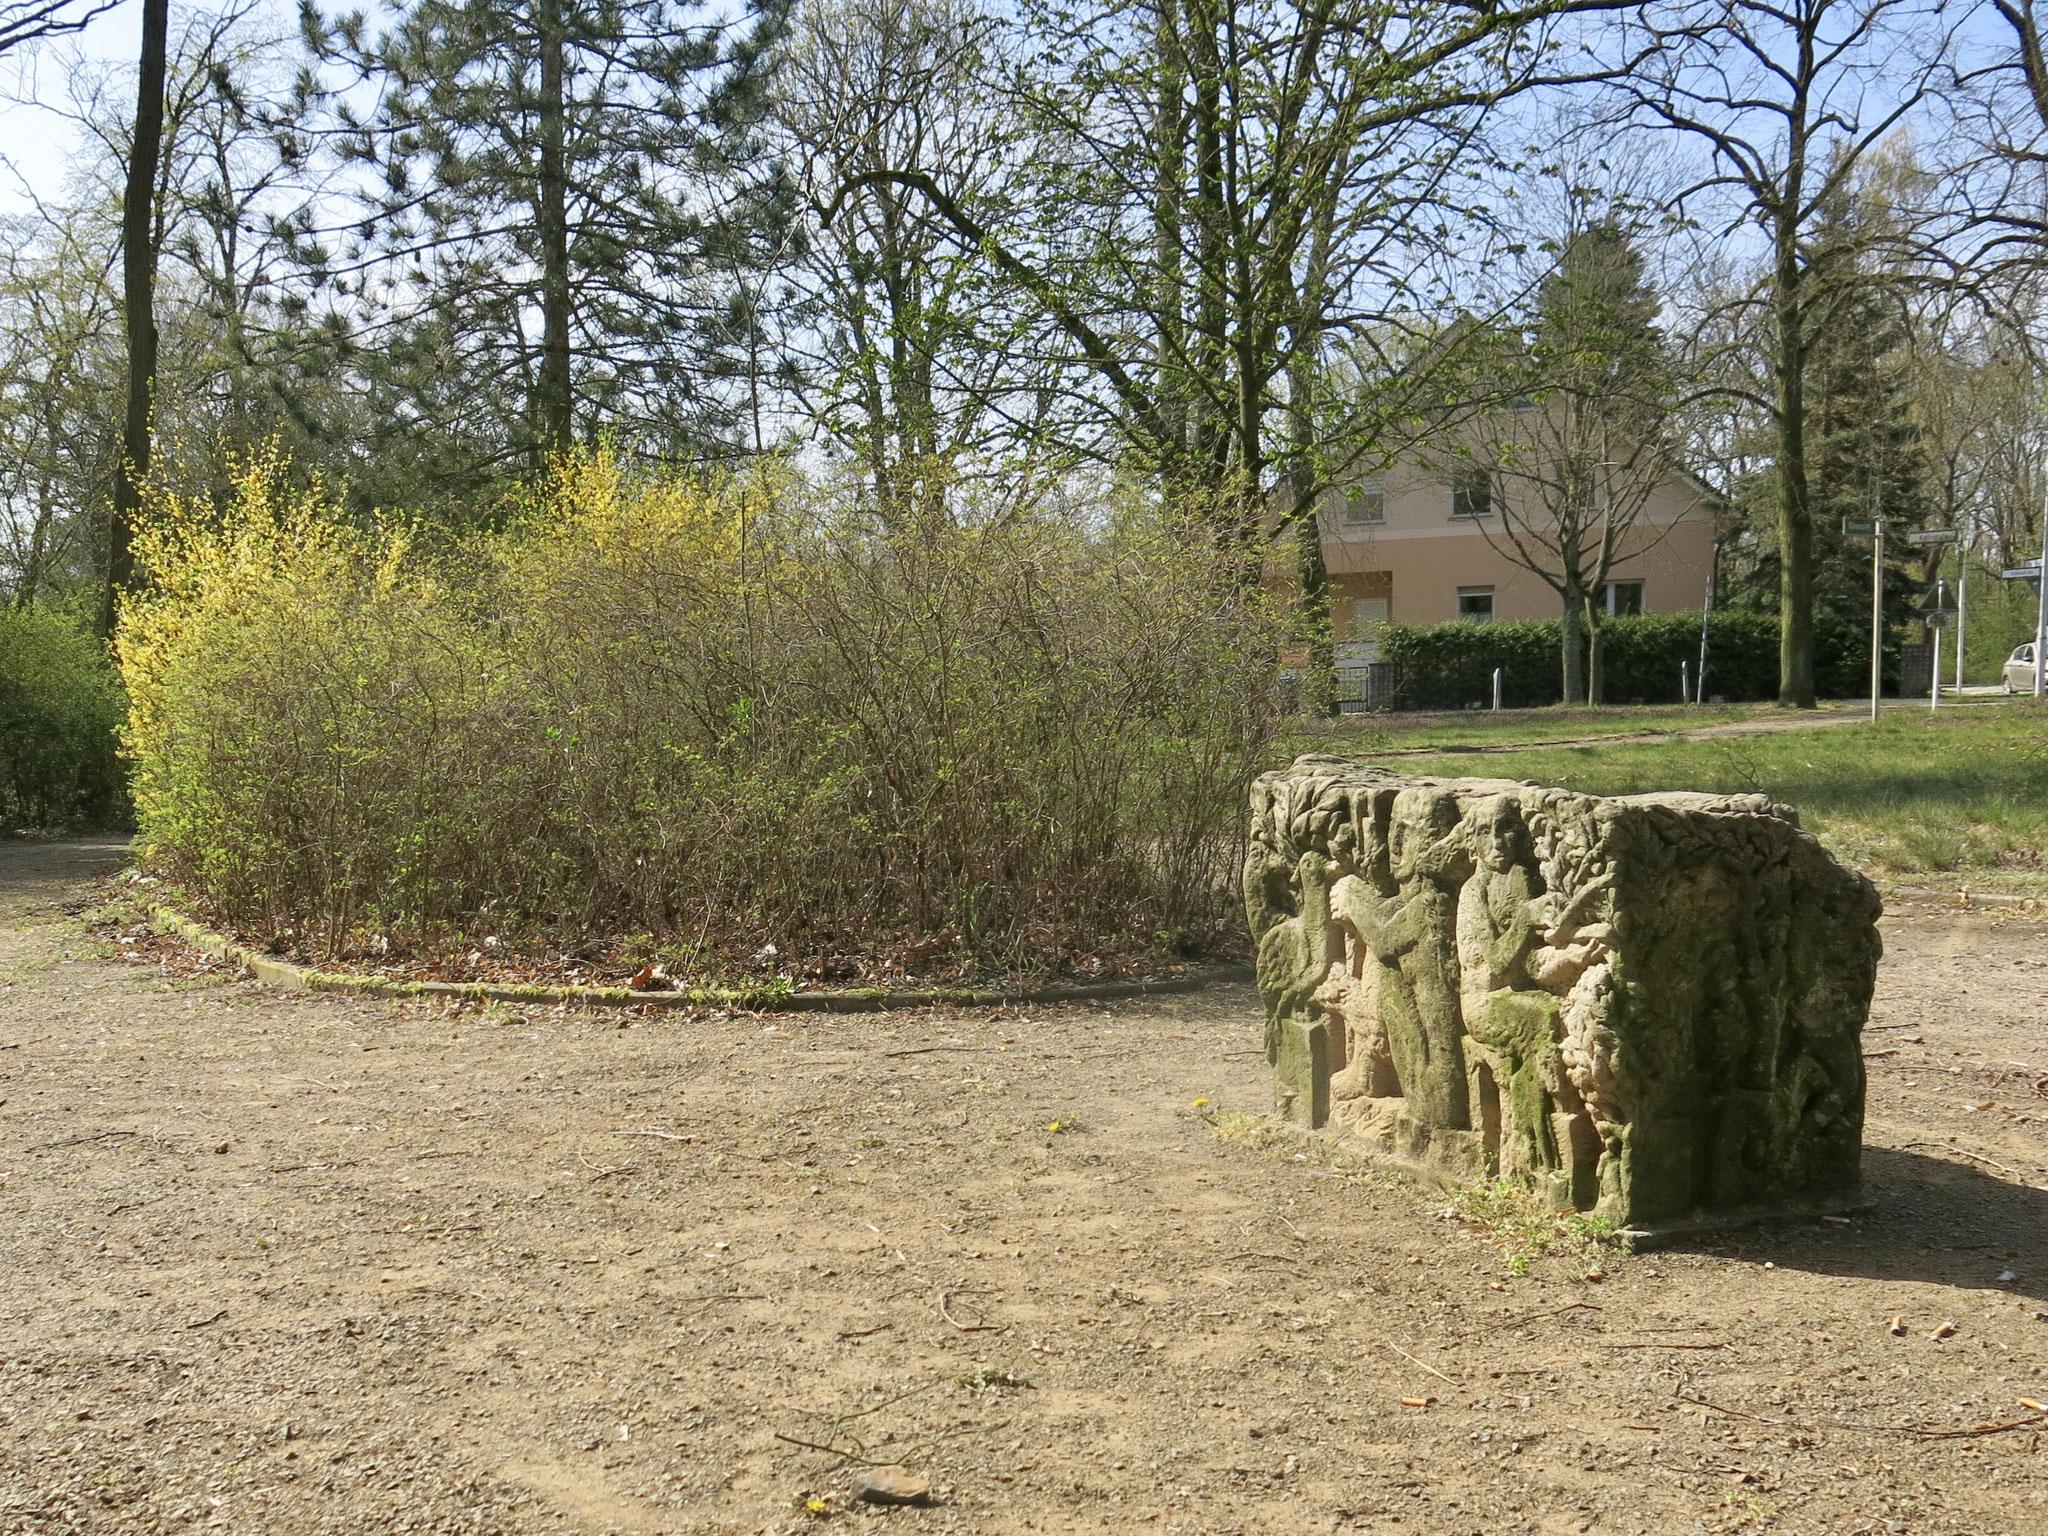 Tipp 8: Körnerteich und -platz: In der kleinen Parkanlage an der Uhlandstraße fallen drei Stelen aus Stein auf. Sie wurden 1987 von dem Bildhauer Karl Blümel geschaffen.